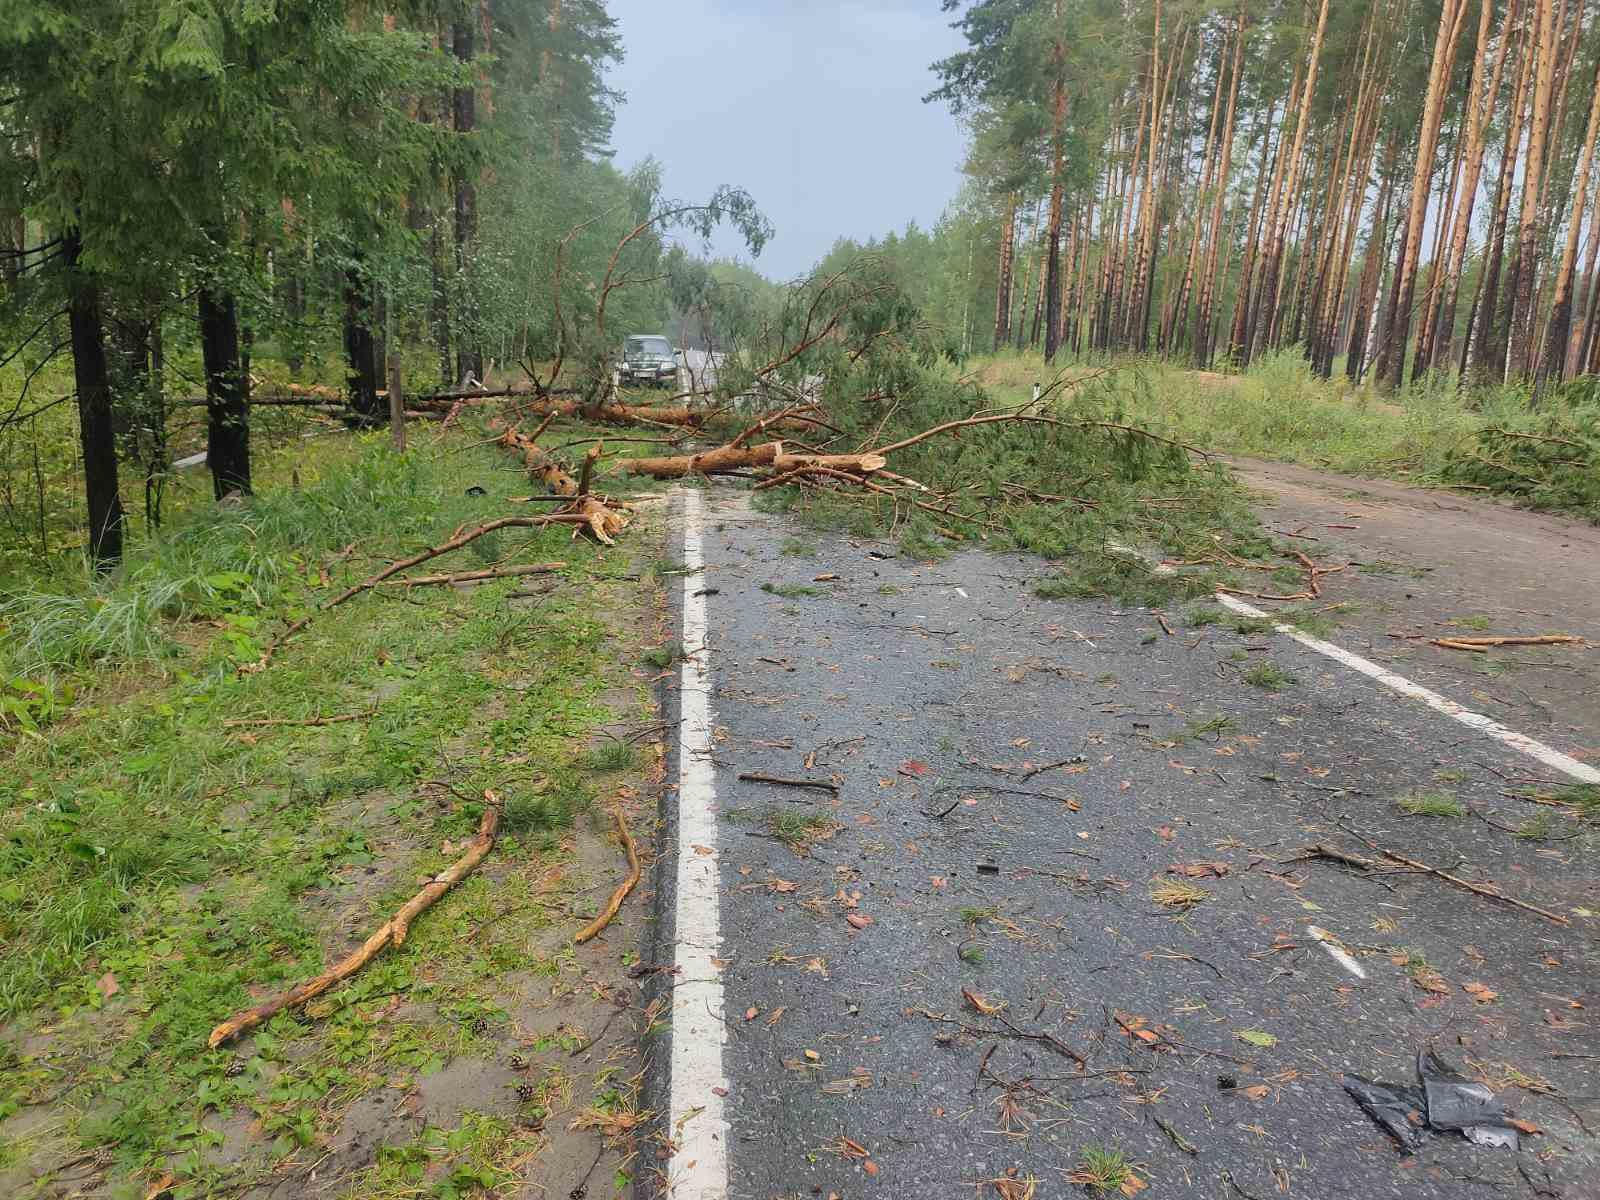 В Марий Эл спасатели освободили от упавших деревьев авто и расчистили дорогу